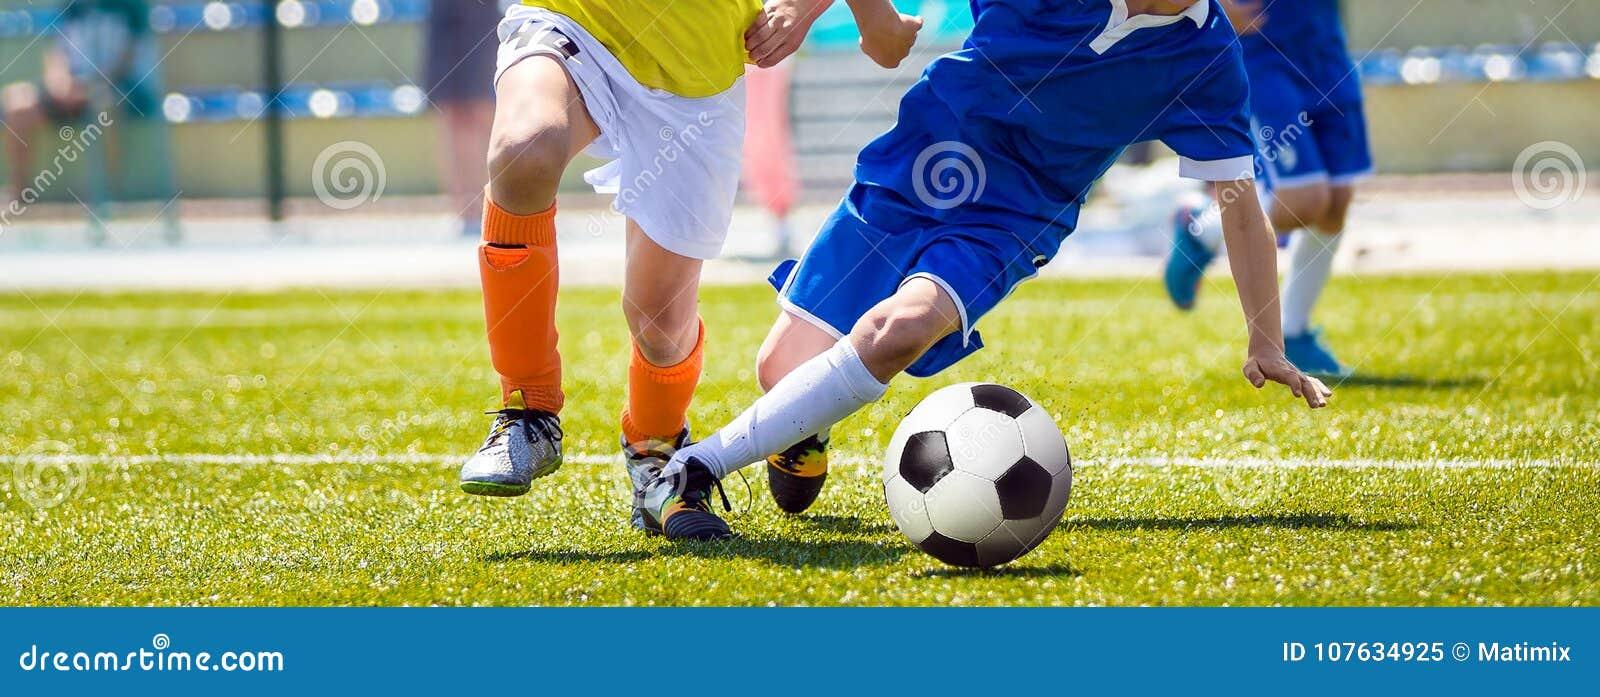 Laufende junge Fußball-Fußball-Spieler Jugend-Fußball-Wettbewerb zwischen zwei Fußballspielern